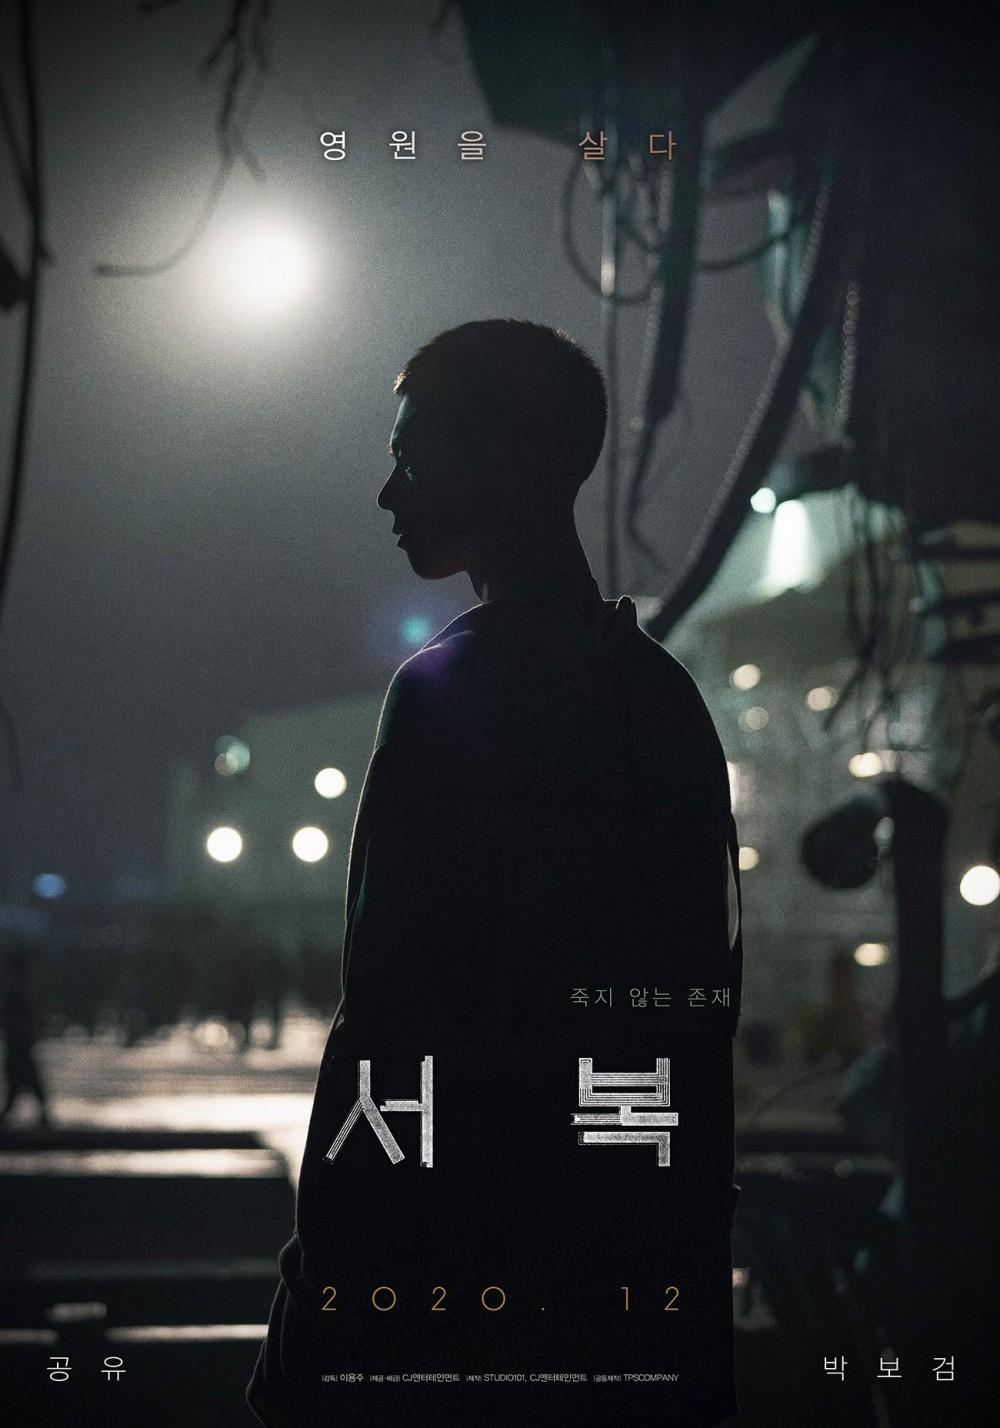 朴宝剑军装拍摄企业招募宣传片,网友:这是在拍电影吧?